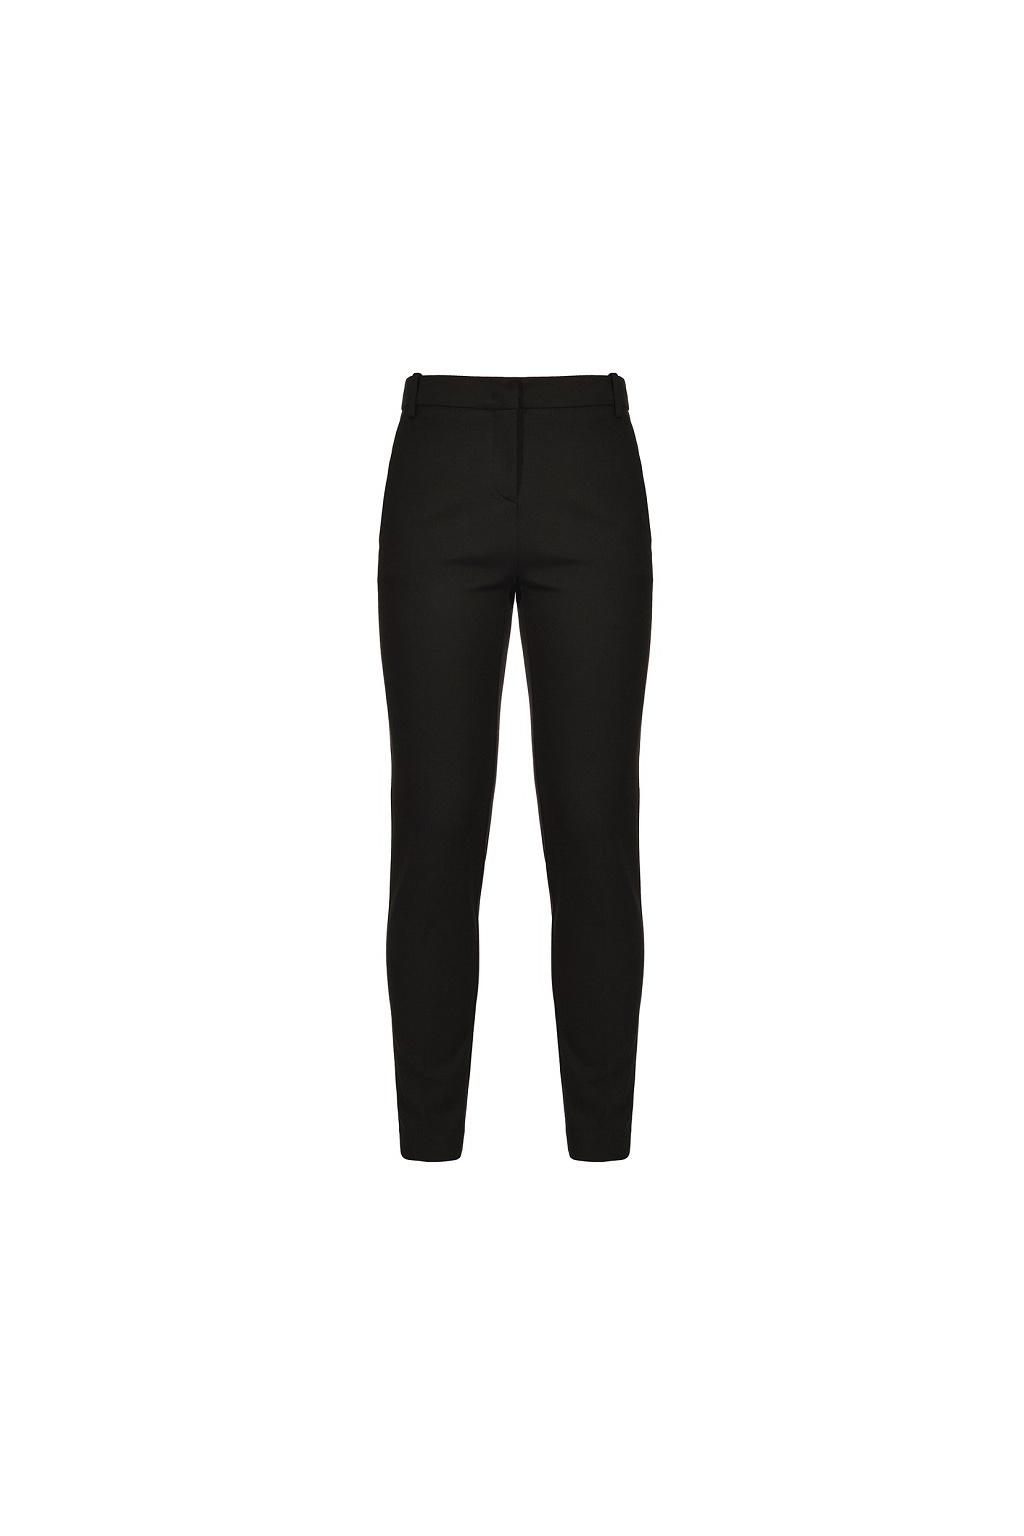 Dámské kalhoty Pinko Bello 100 černé